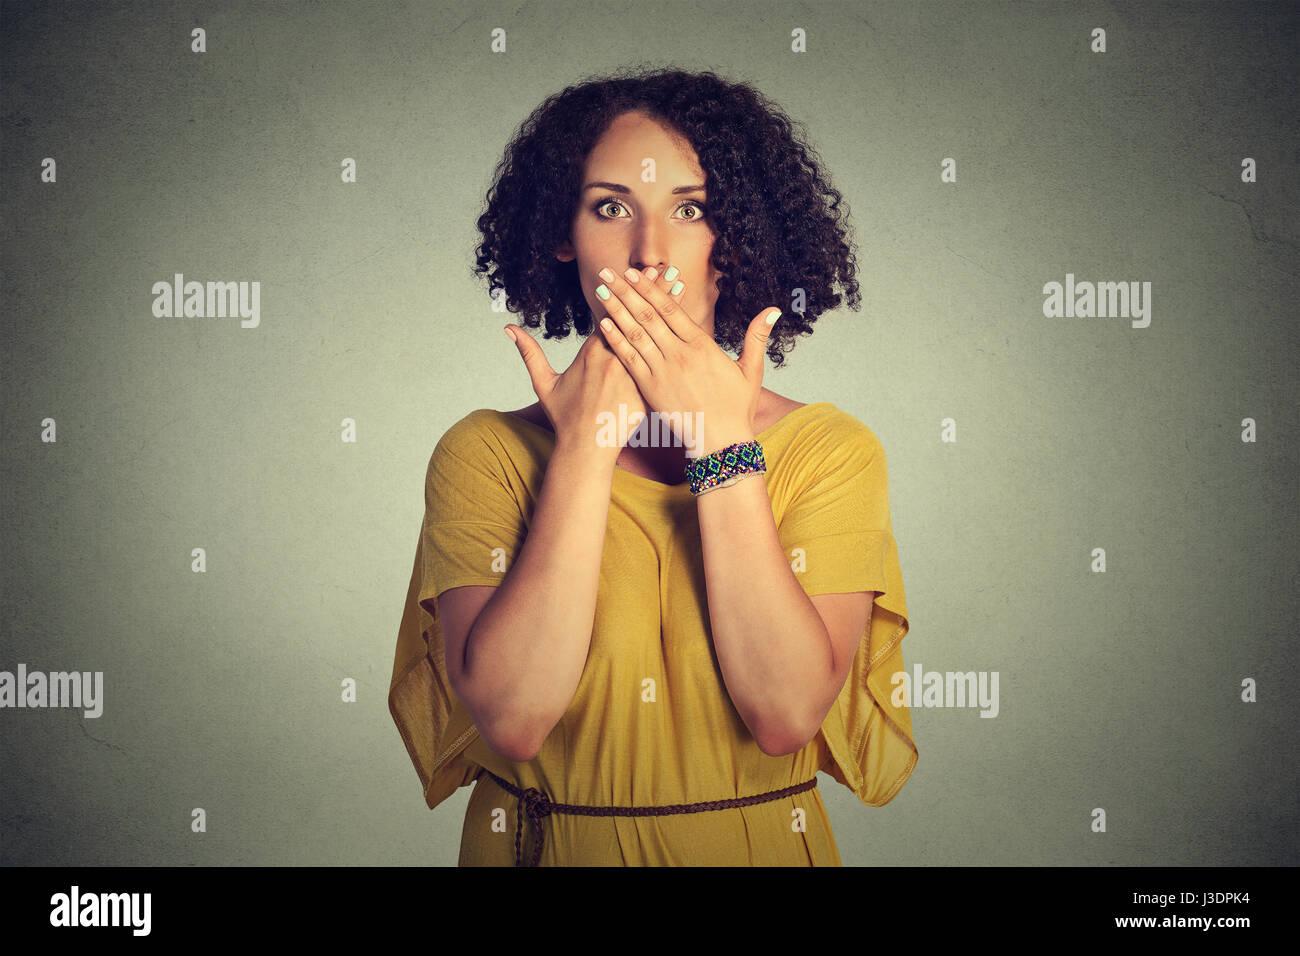 Closeup retrato joven cubriendo boca cerrada con las manos. No hablan mal concepto aislado sobre la pared gris de Imagen De Stock